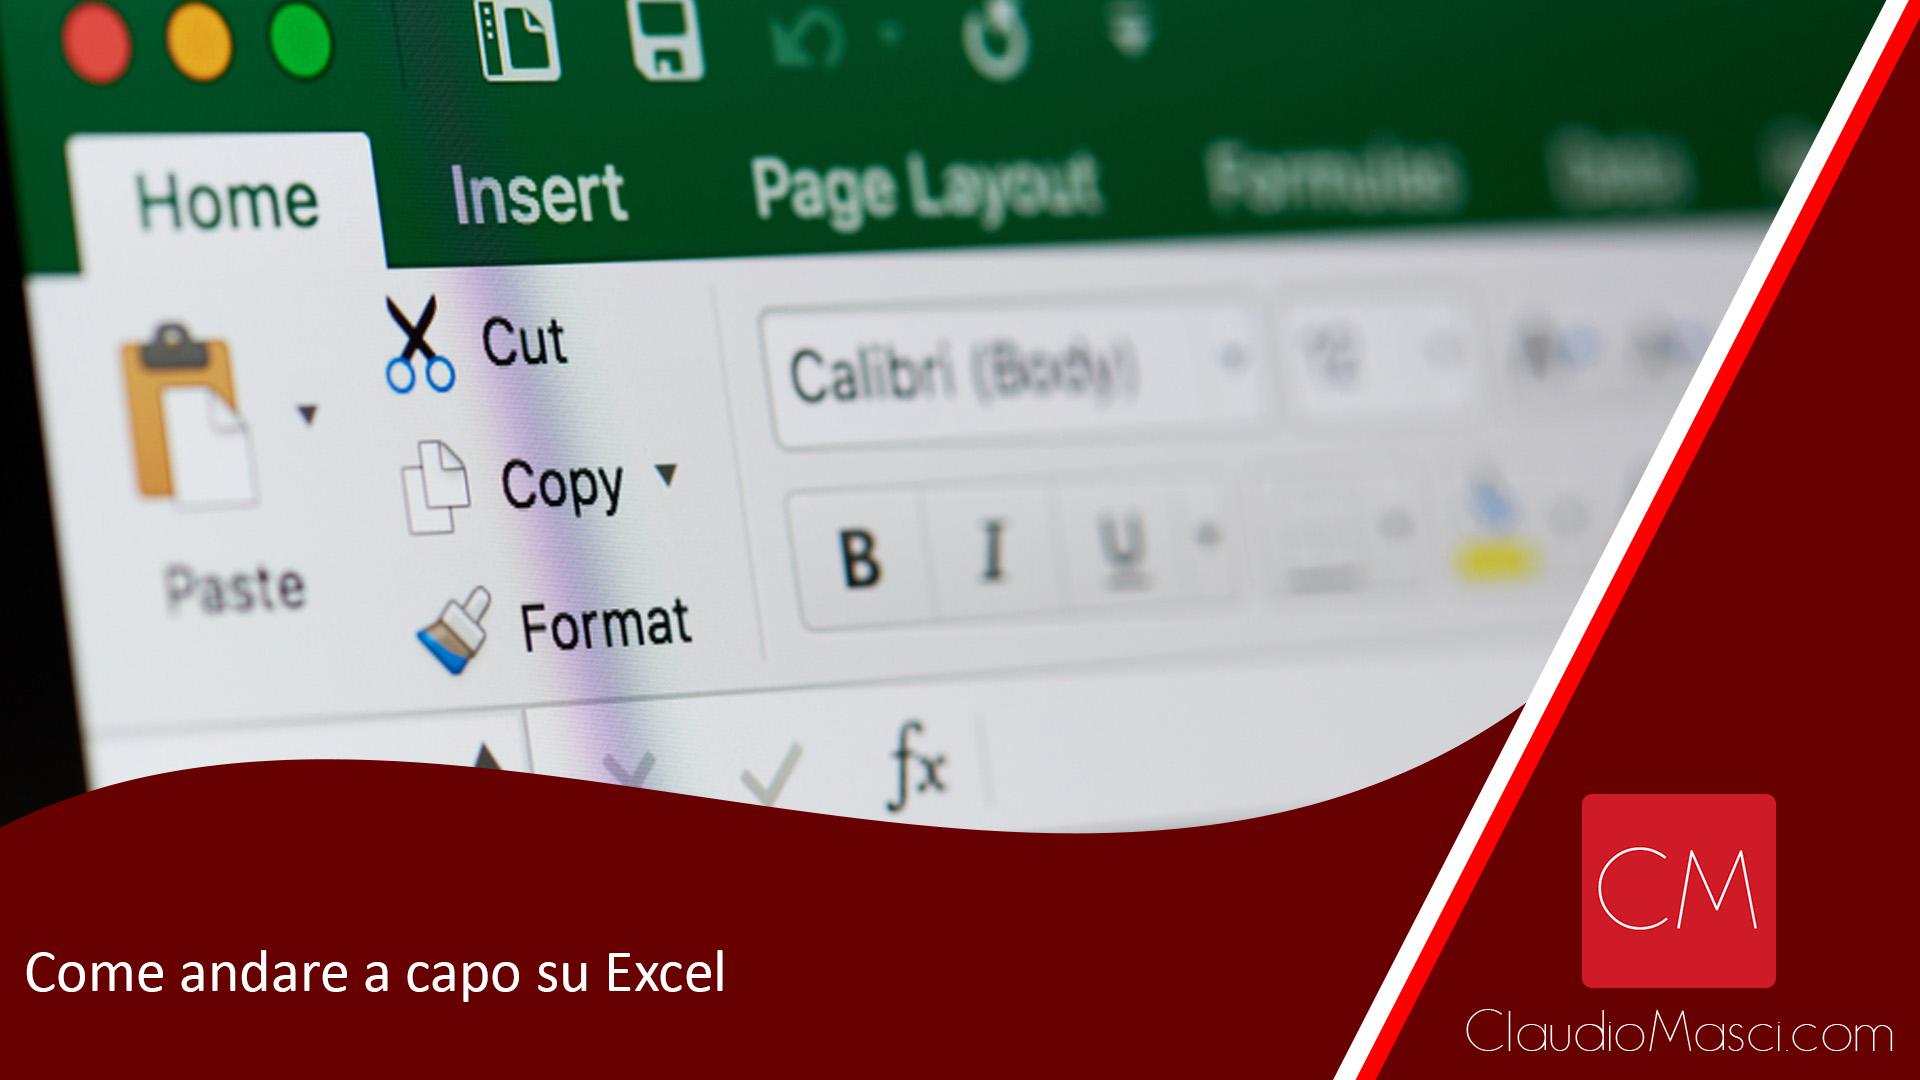 Come andare a capo su Excel